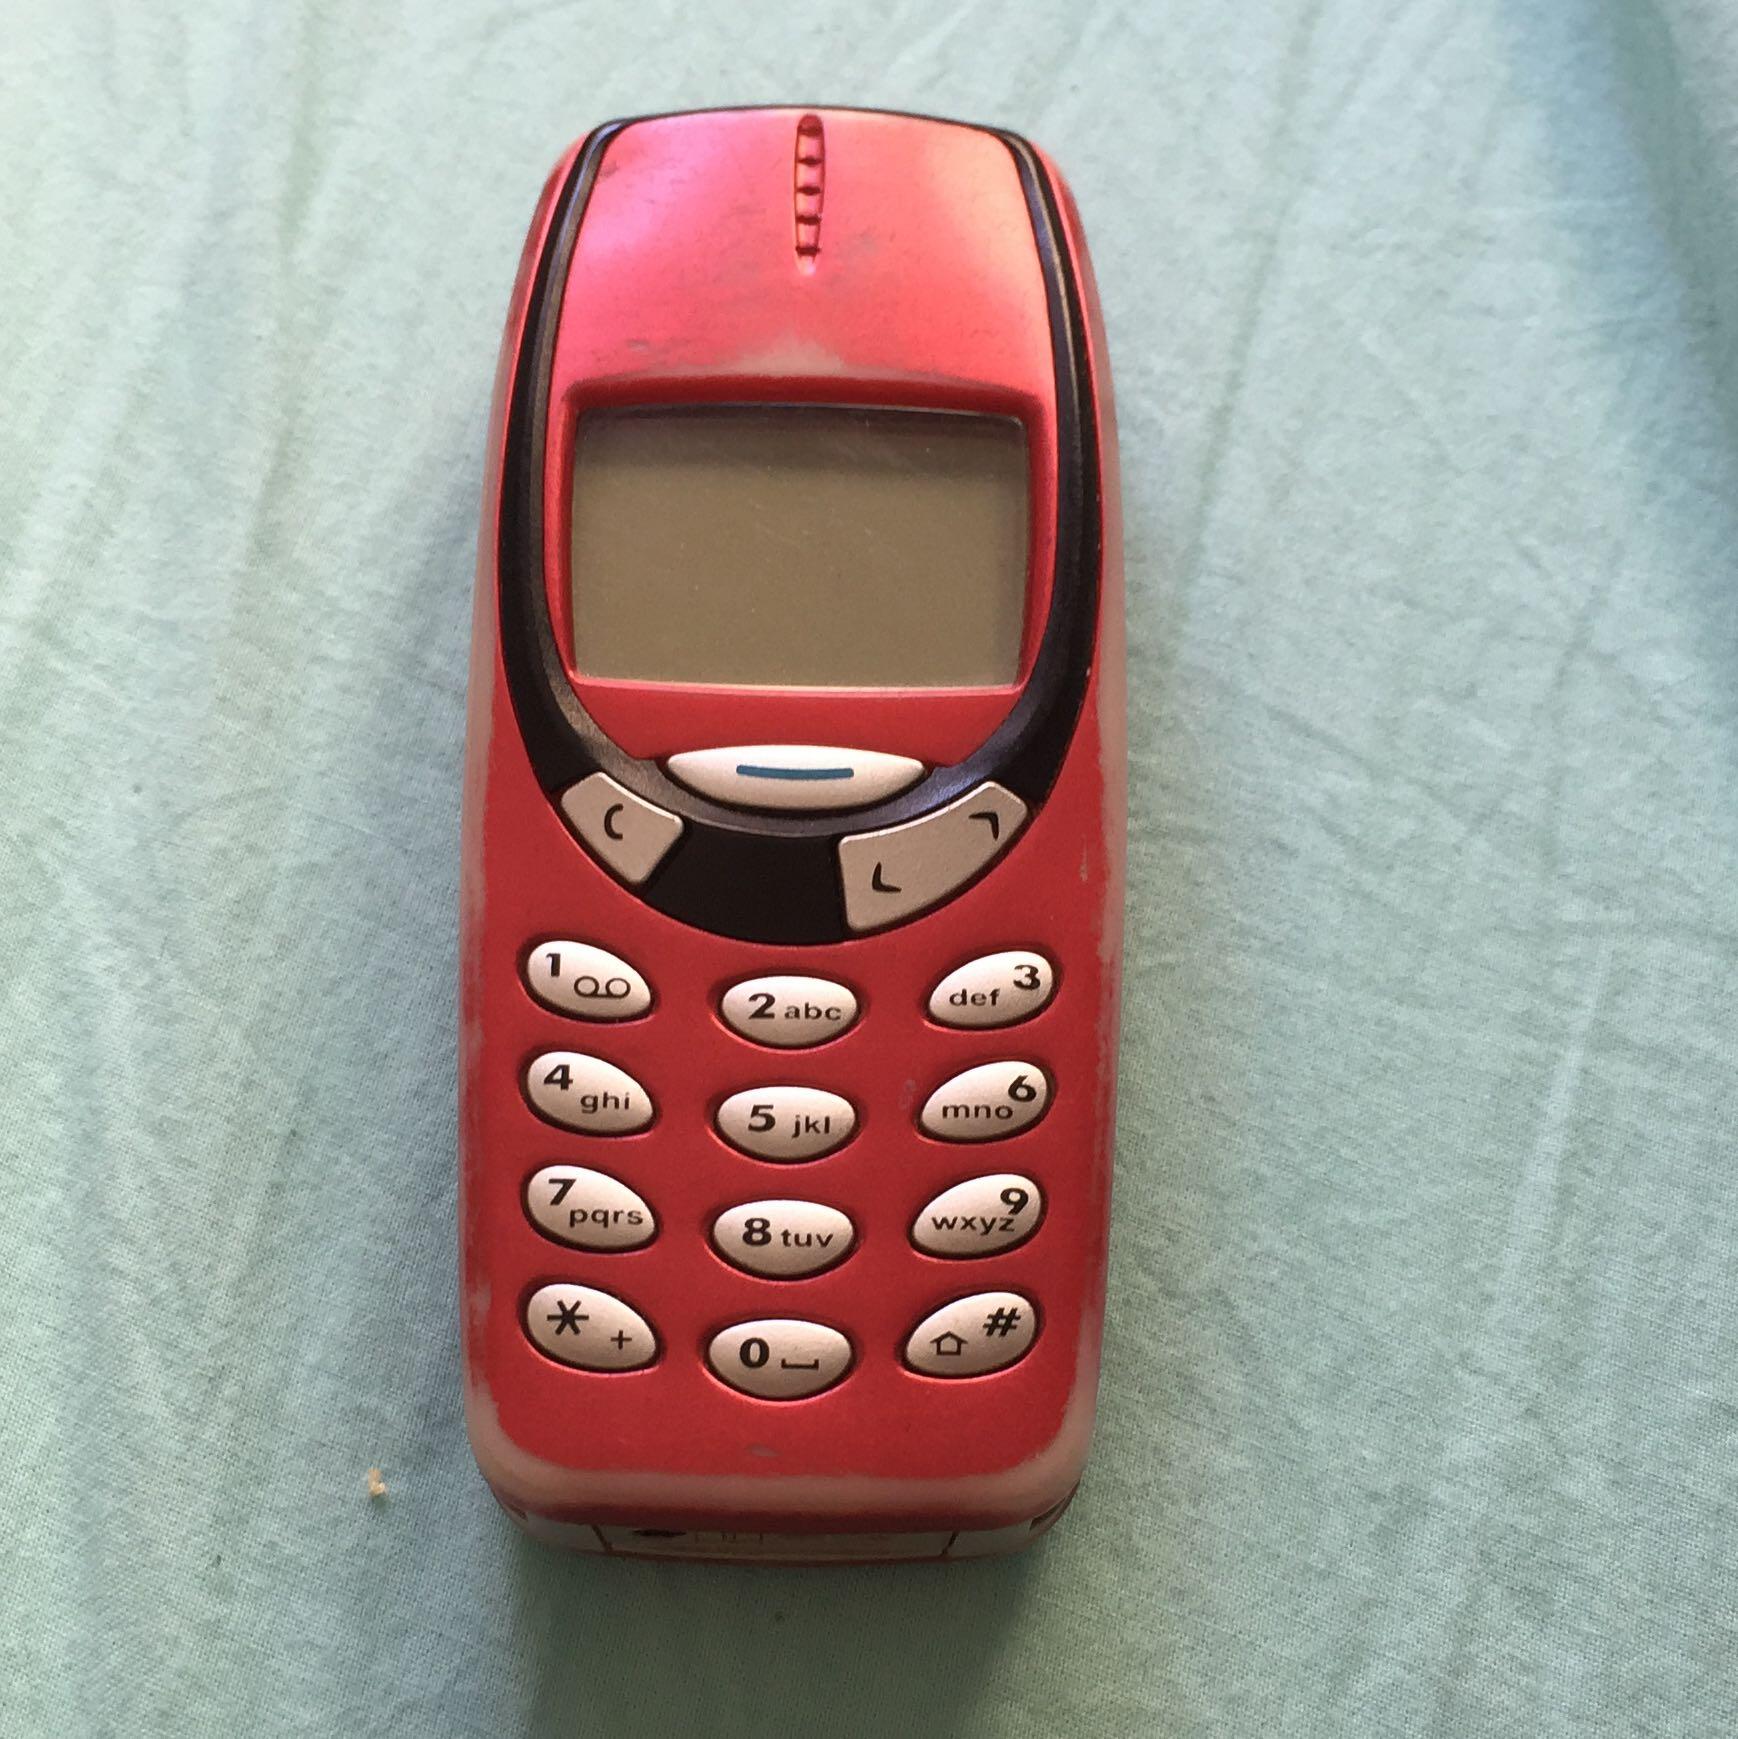 Wie Heißt Dieses Handy